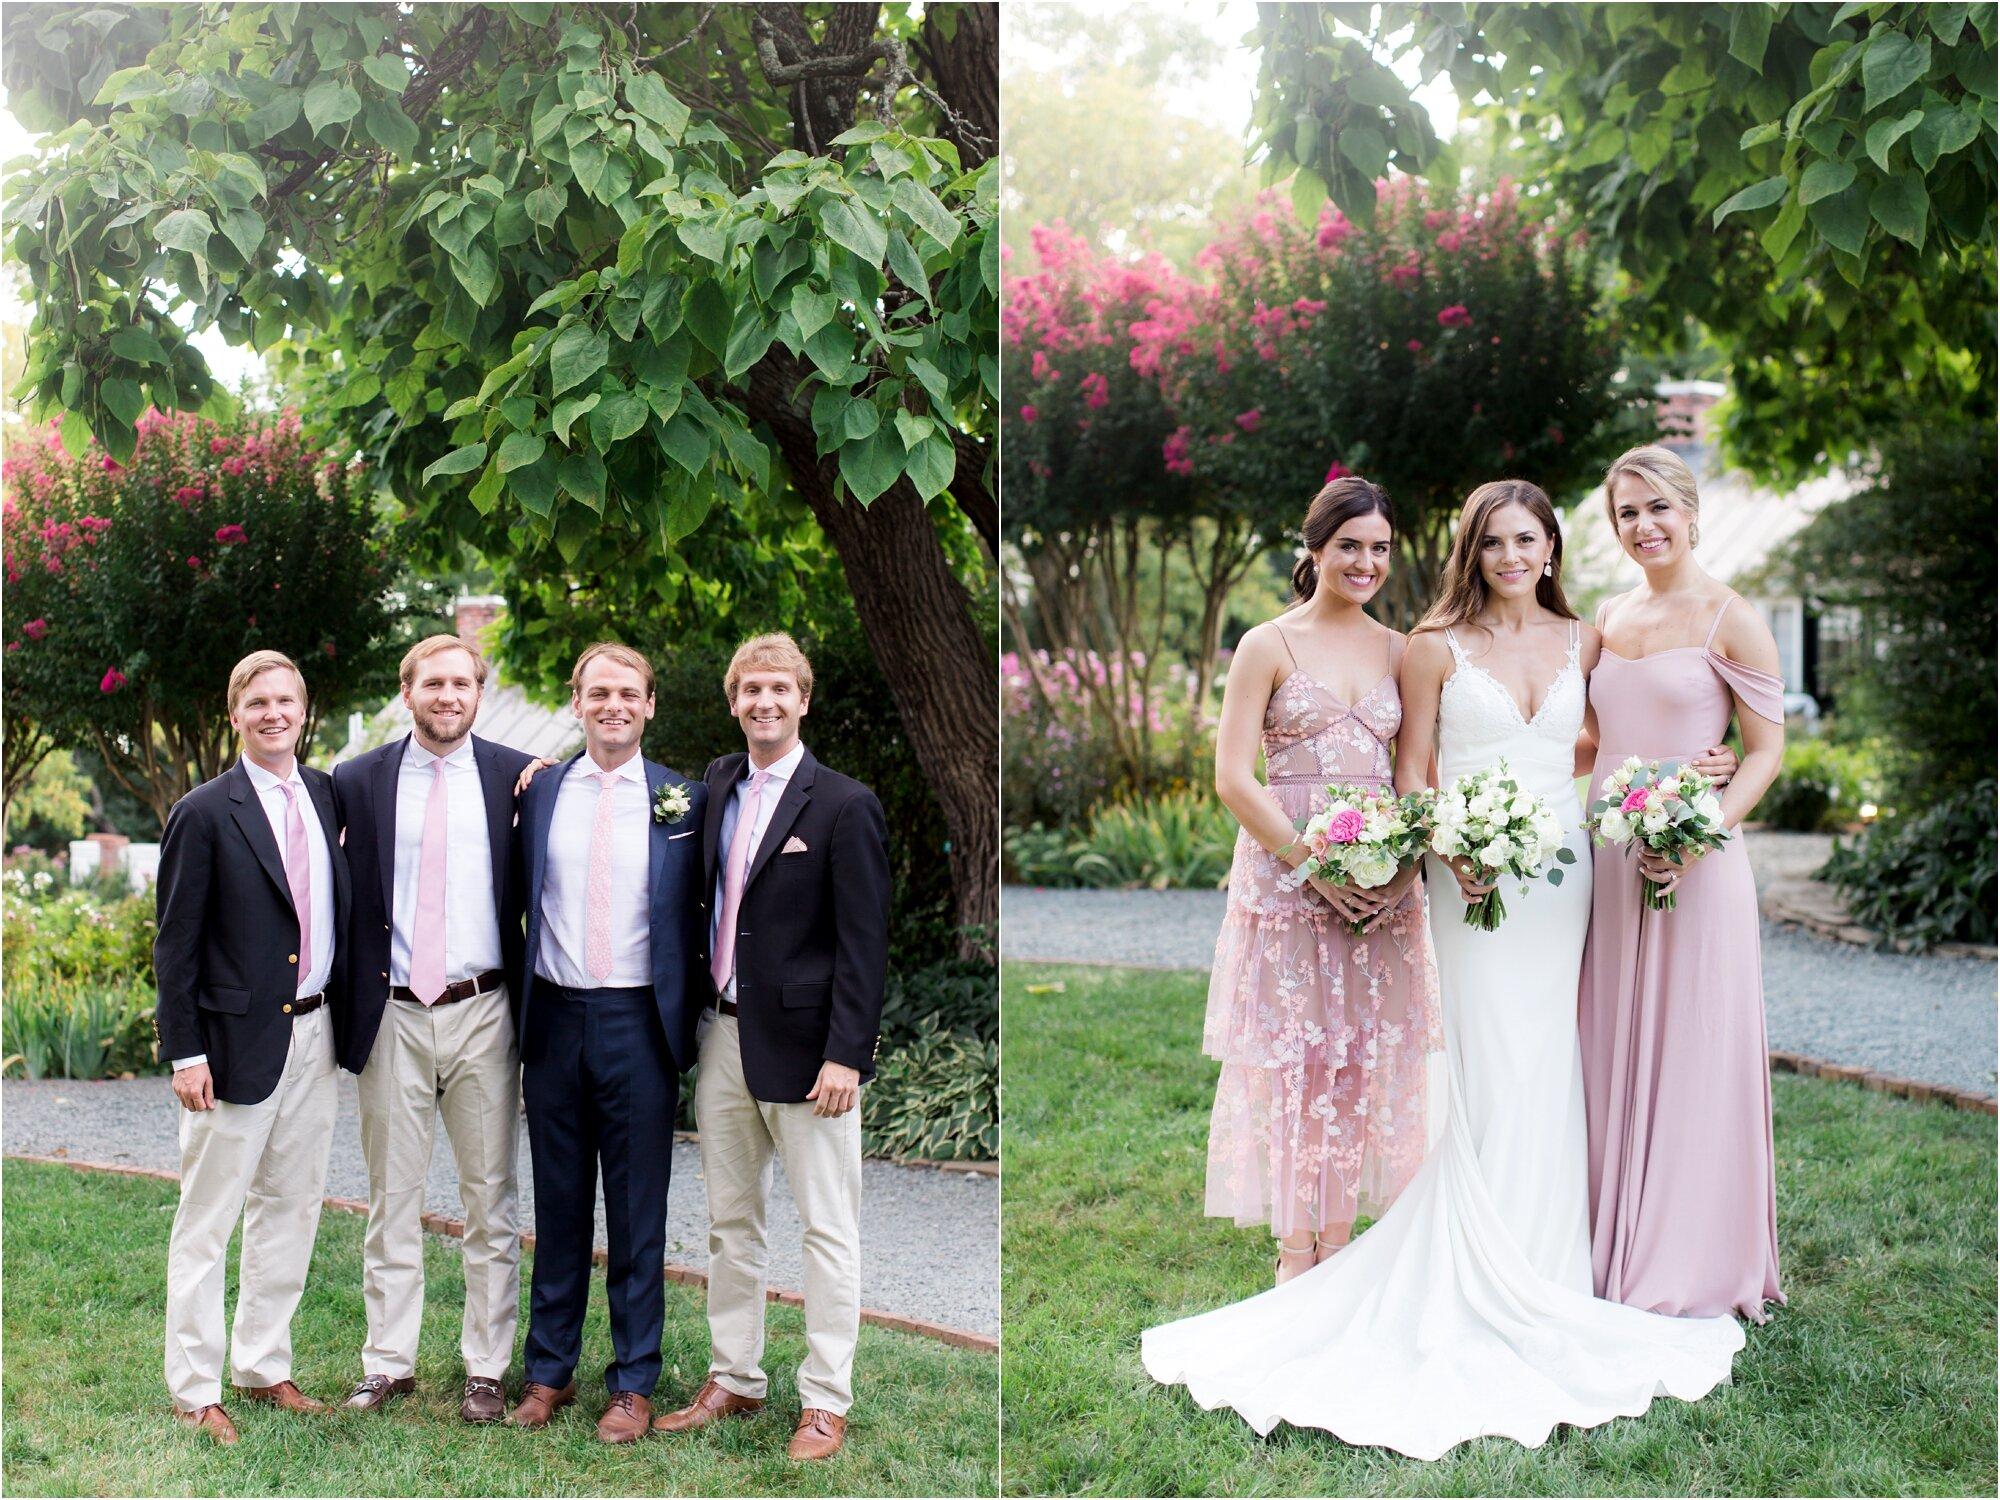 jane-tom-clifton-inn-charlottesville-wedding-_0015.jpg